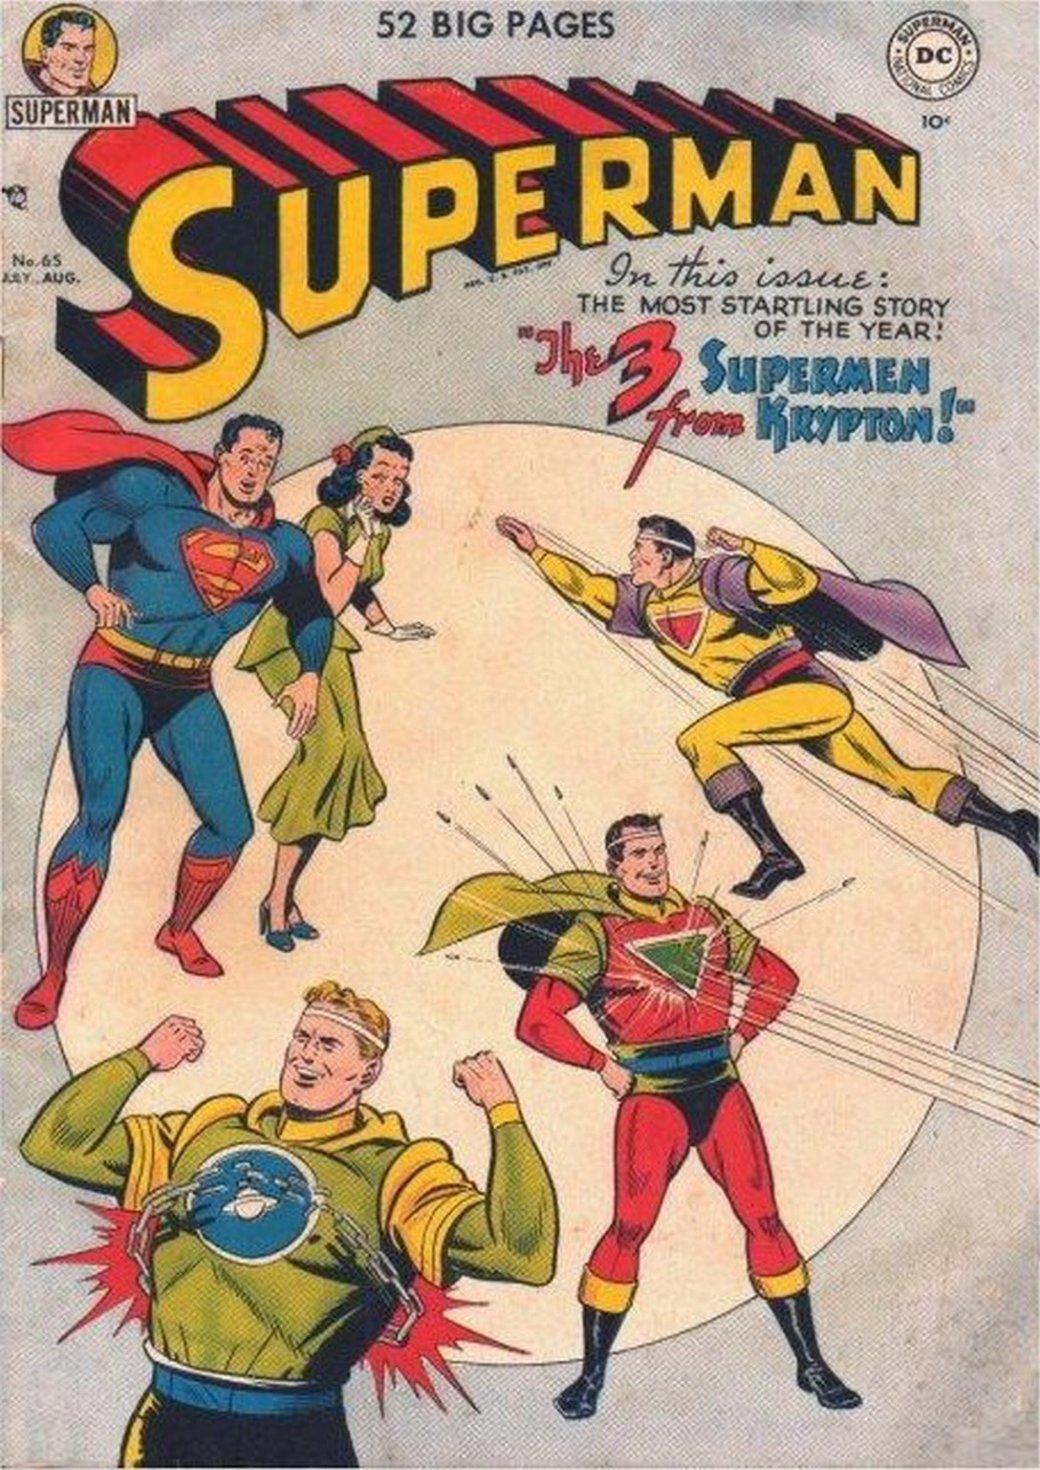 История Супермена иэволюция его образа вкомиксах | Канобу - Изображение 13